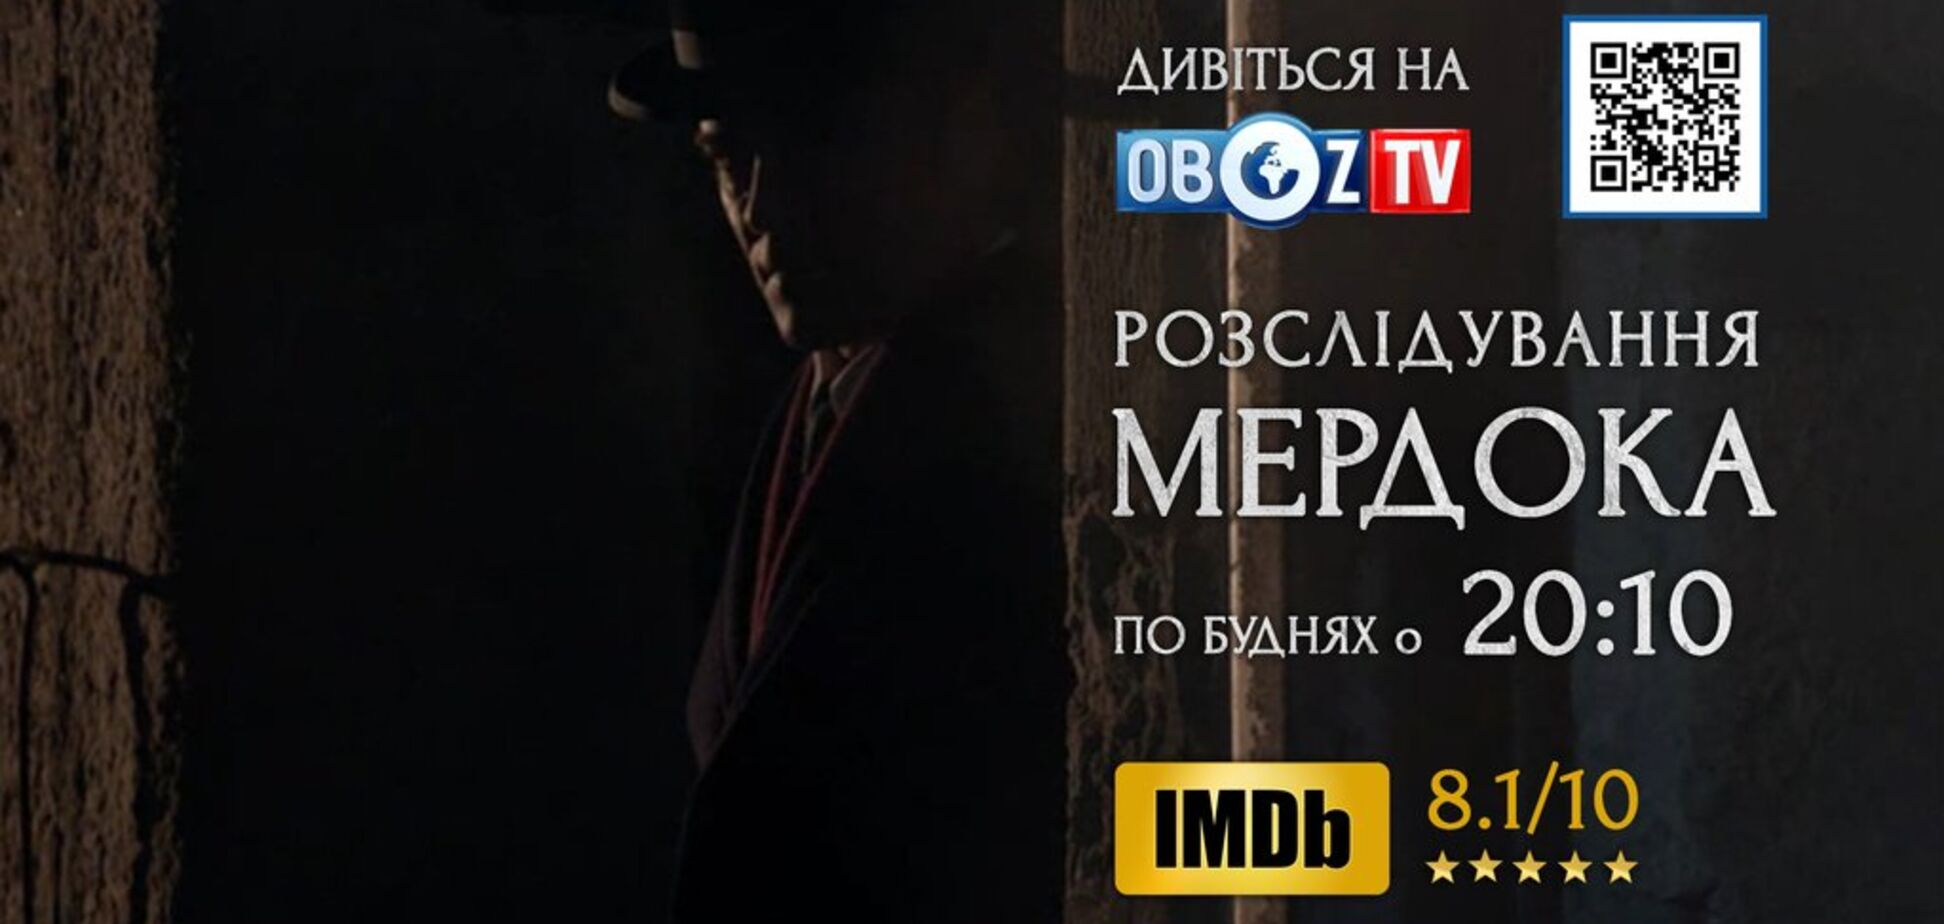 Дивіться на ObozTV серіал 'Розслідування Мердока' – серія 'Чорт забирай'